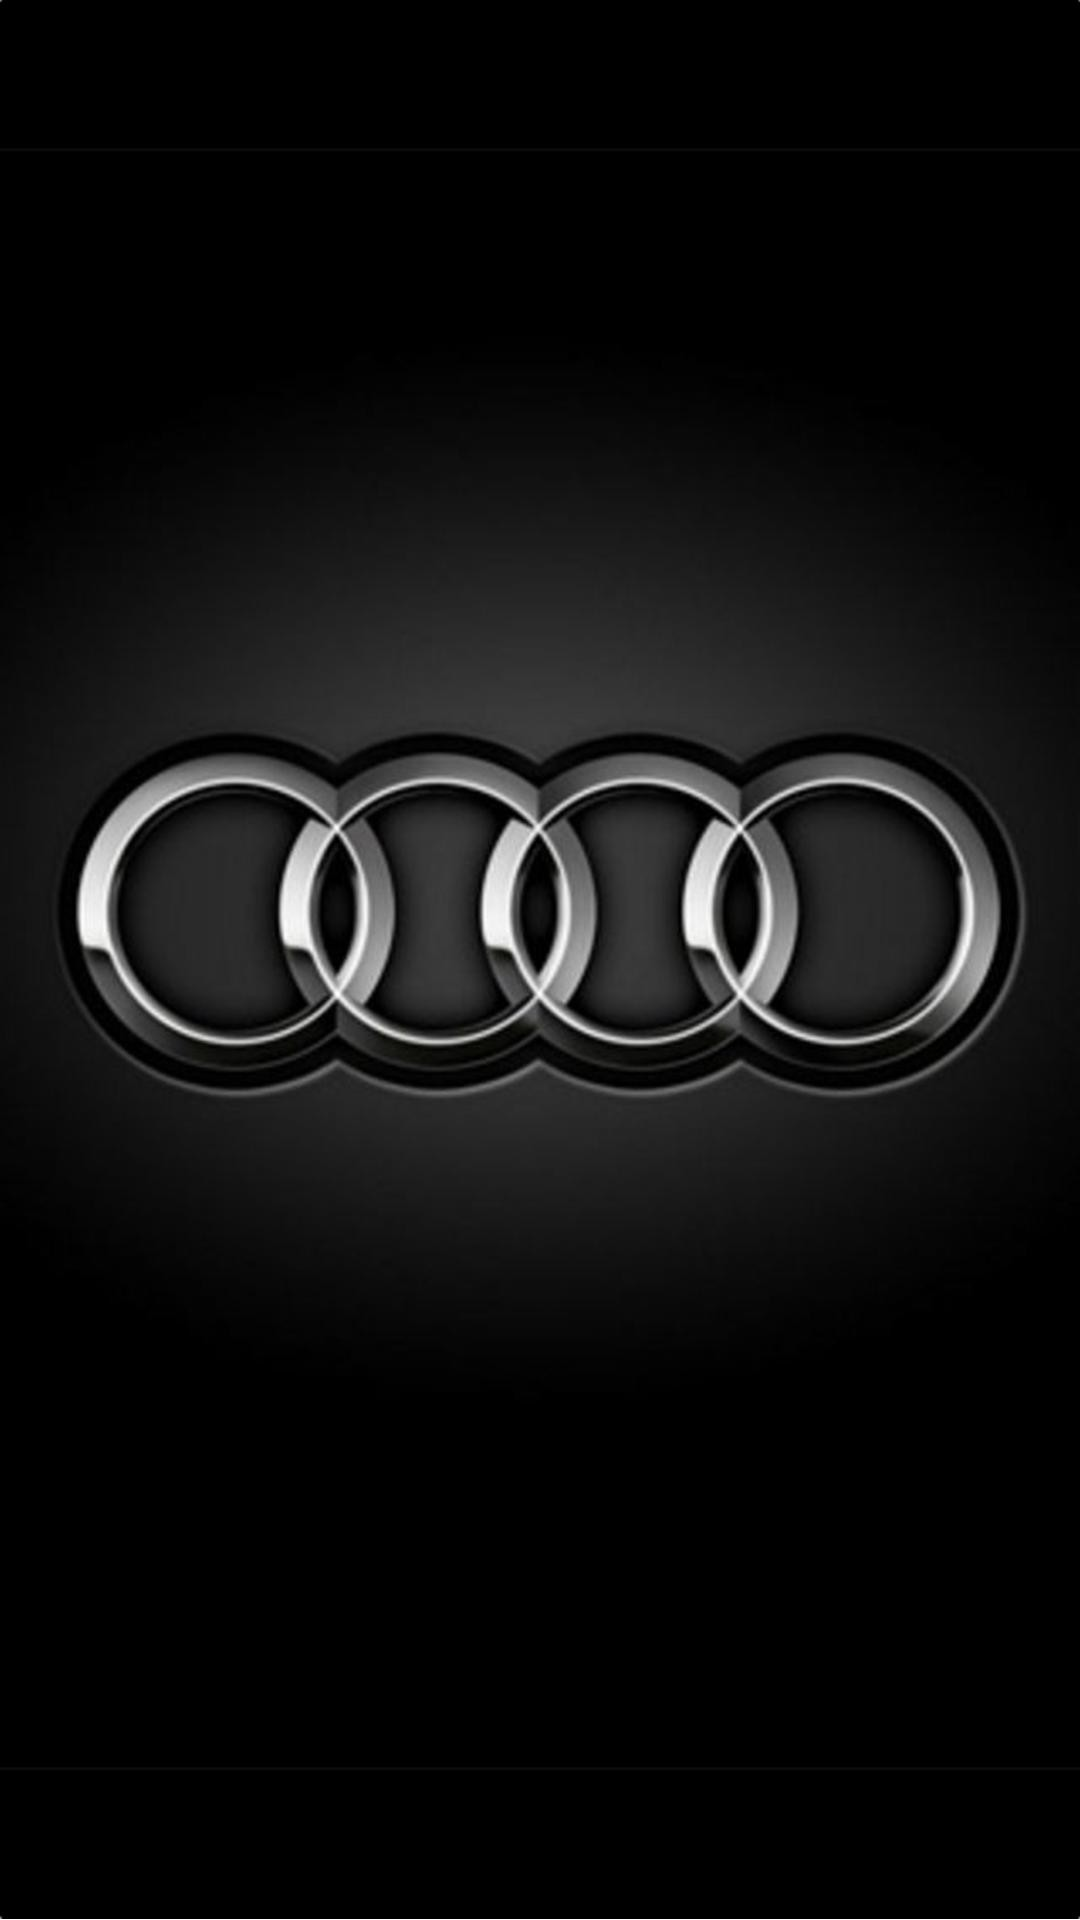 … Audi Car Logo iPhone 7 Plus HD Wallpaper …